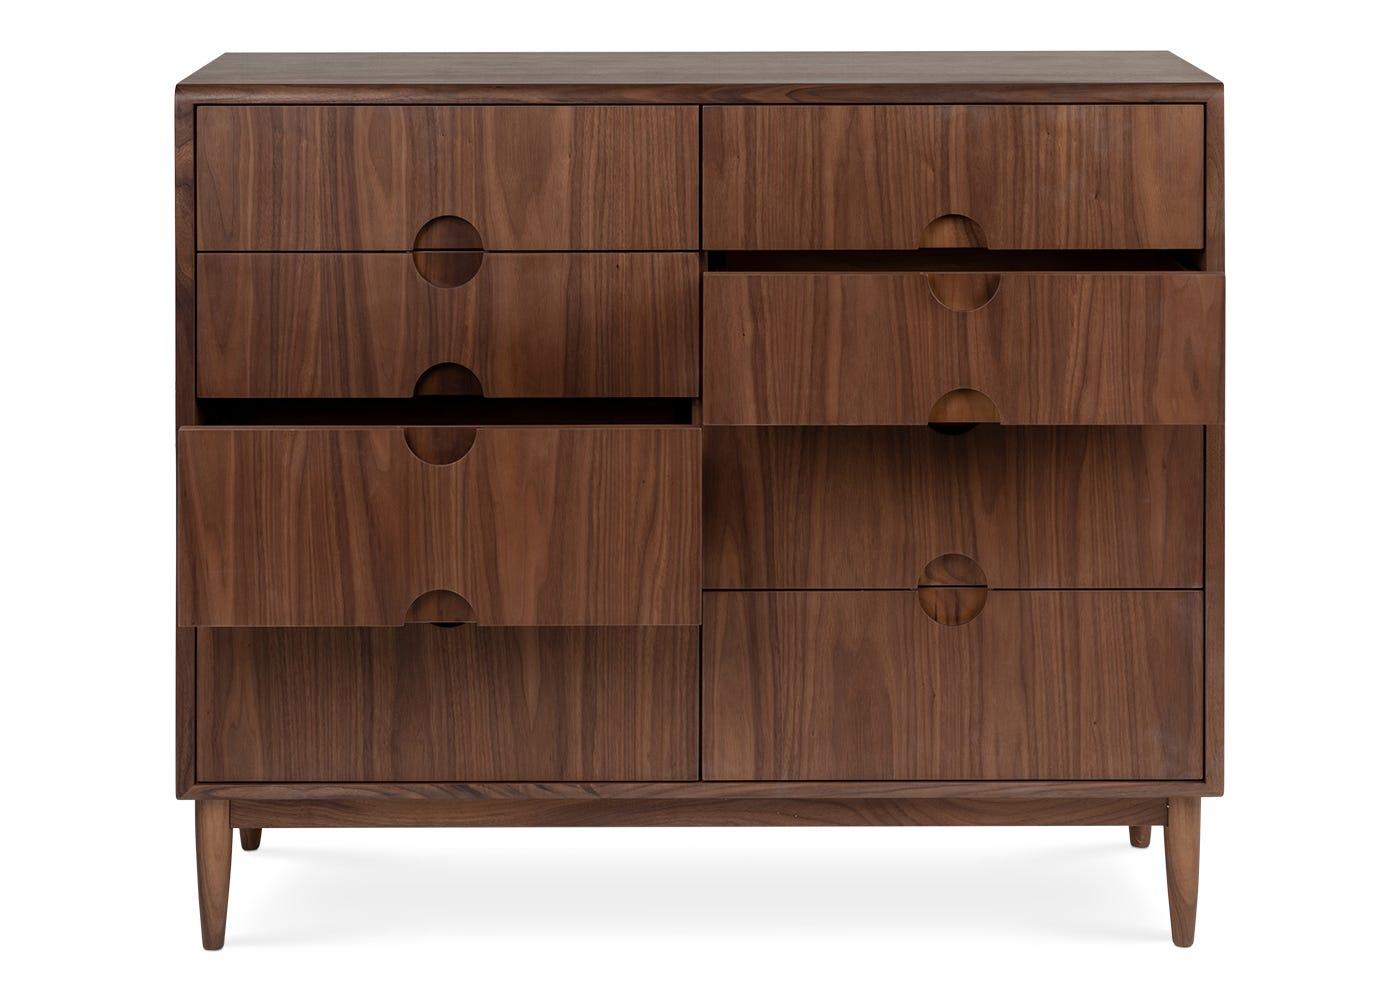 As shown: Amira 8 drawer wide chest walnut